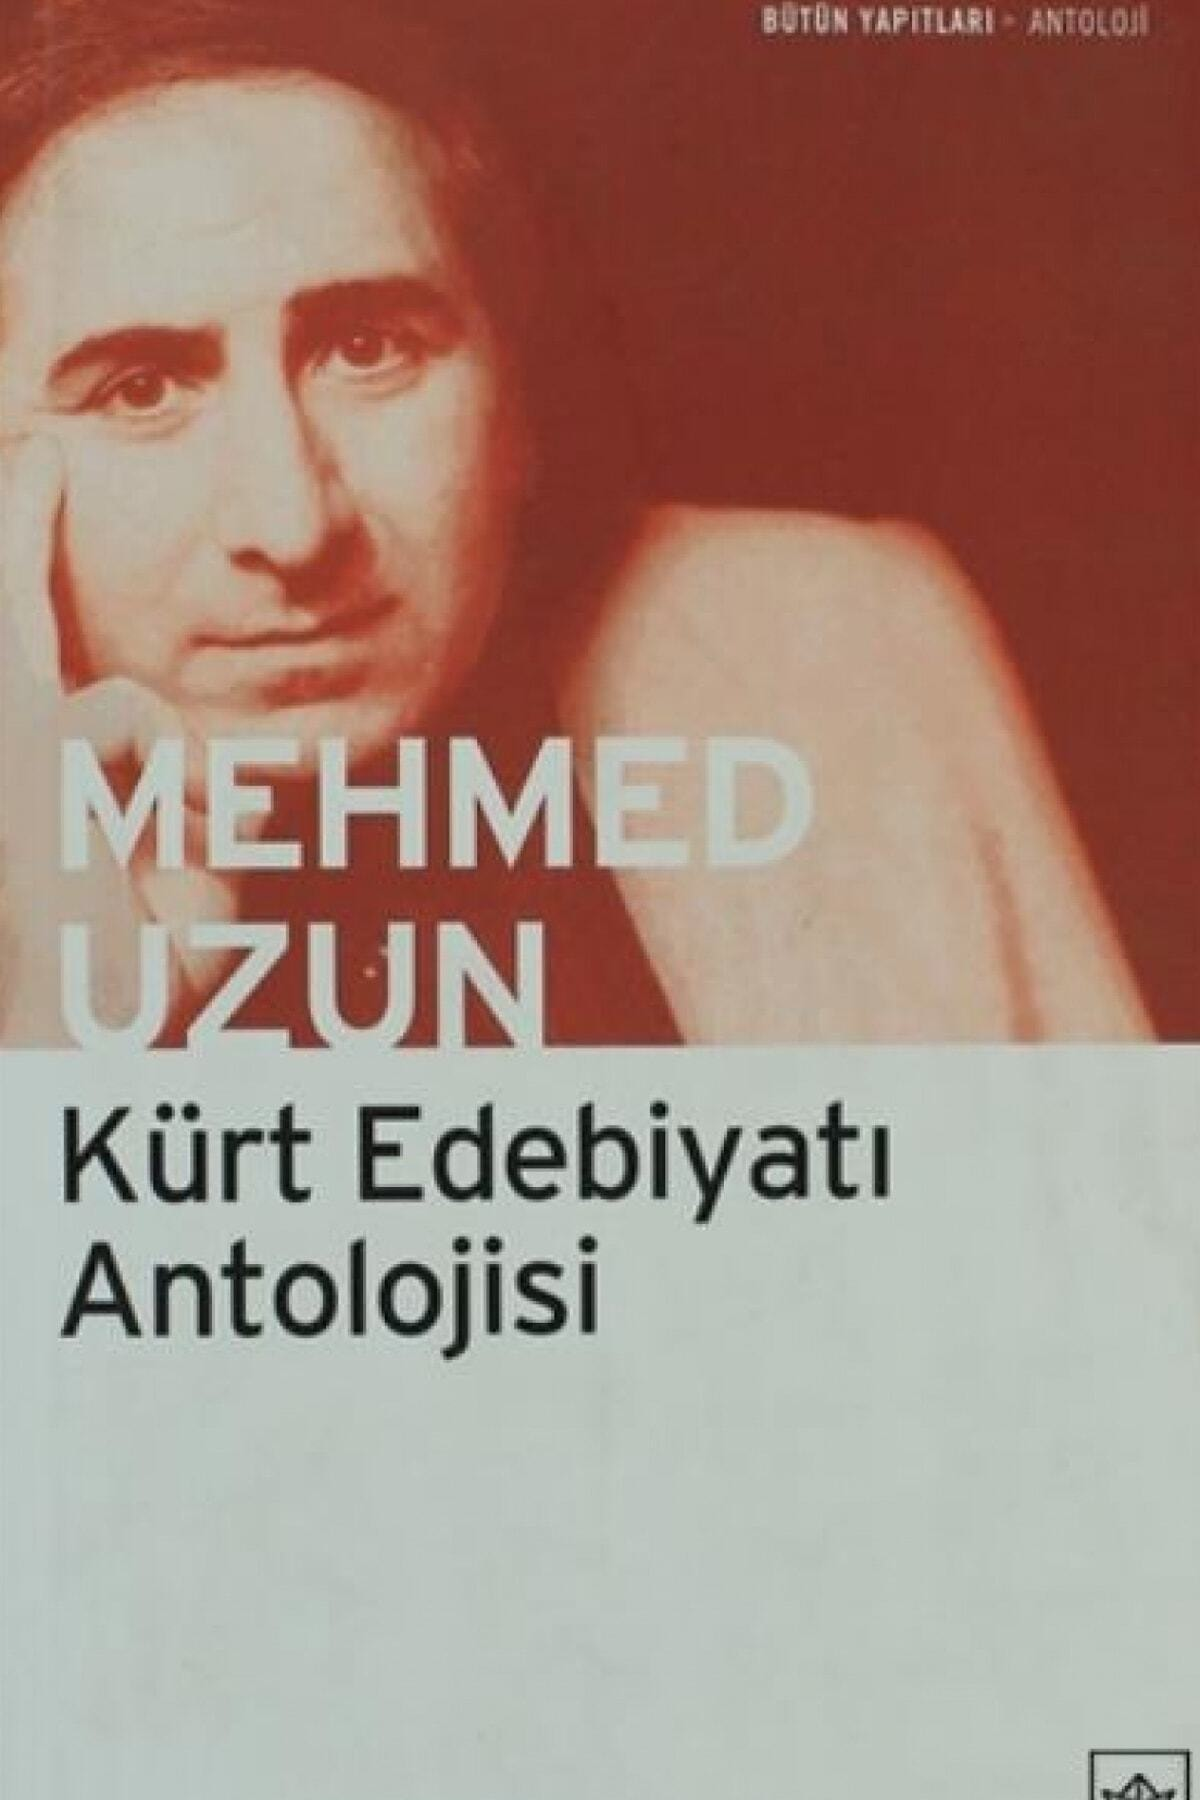 İthaki Yayınları Kürt Edebiyatı Antolojisi Mehmed Uzun 1